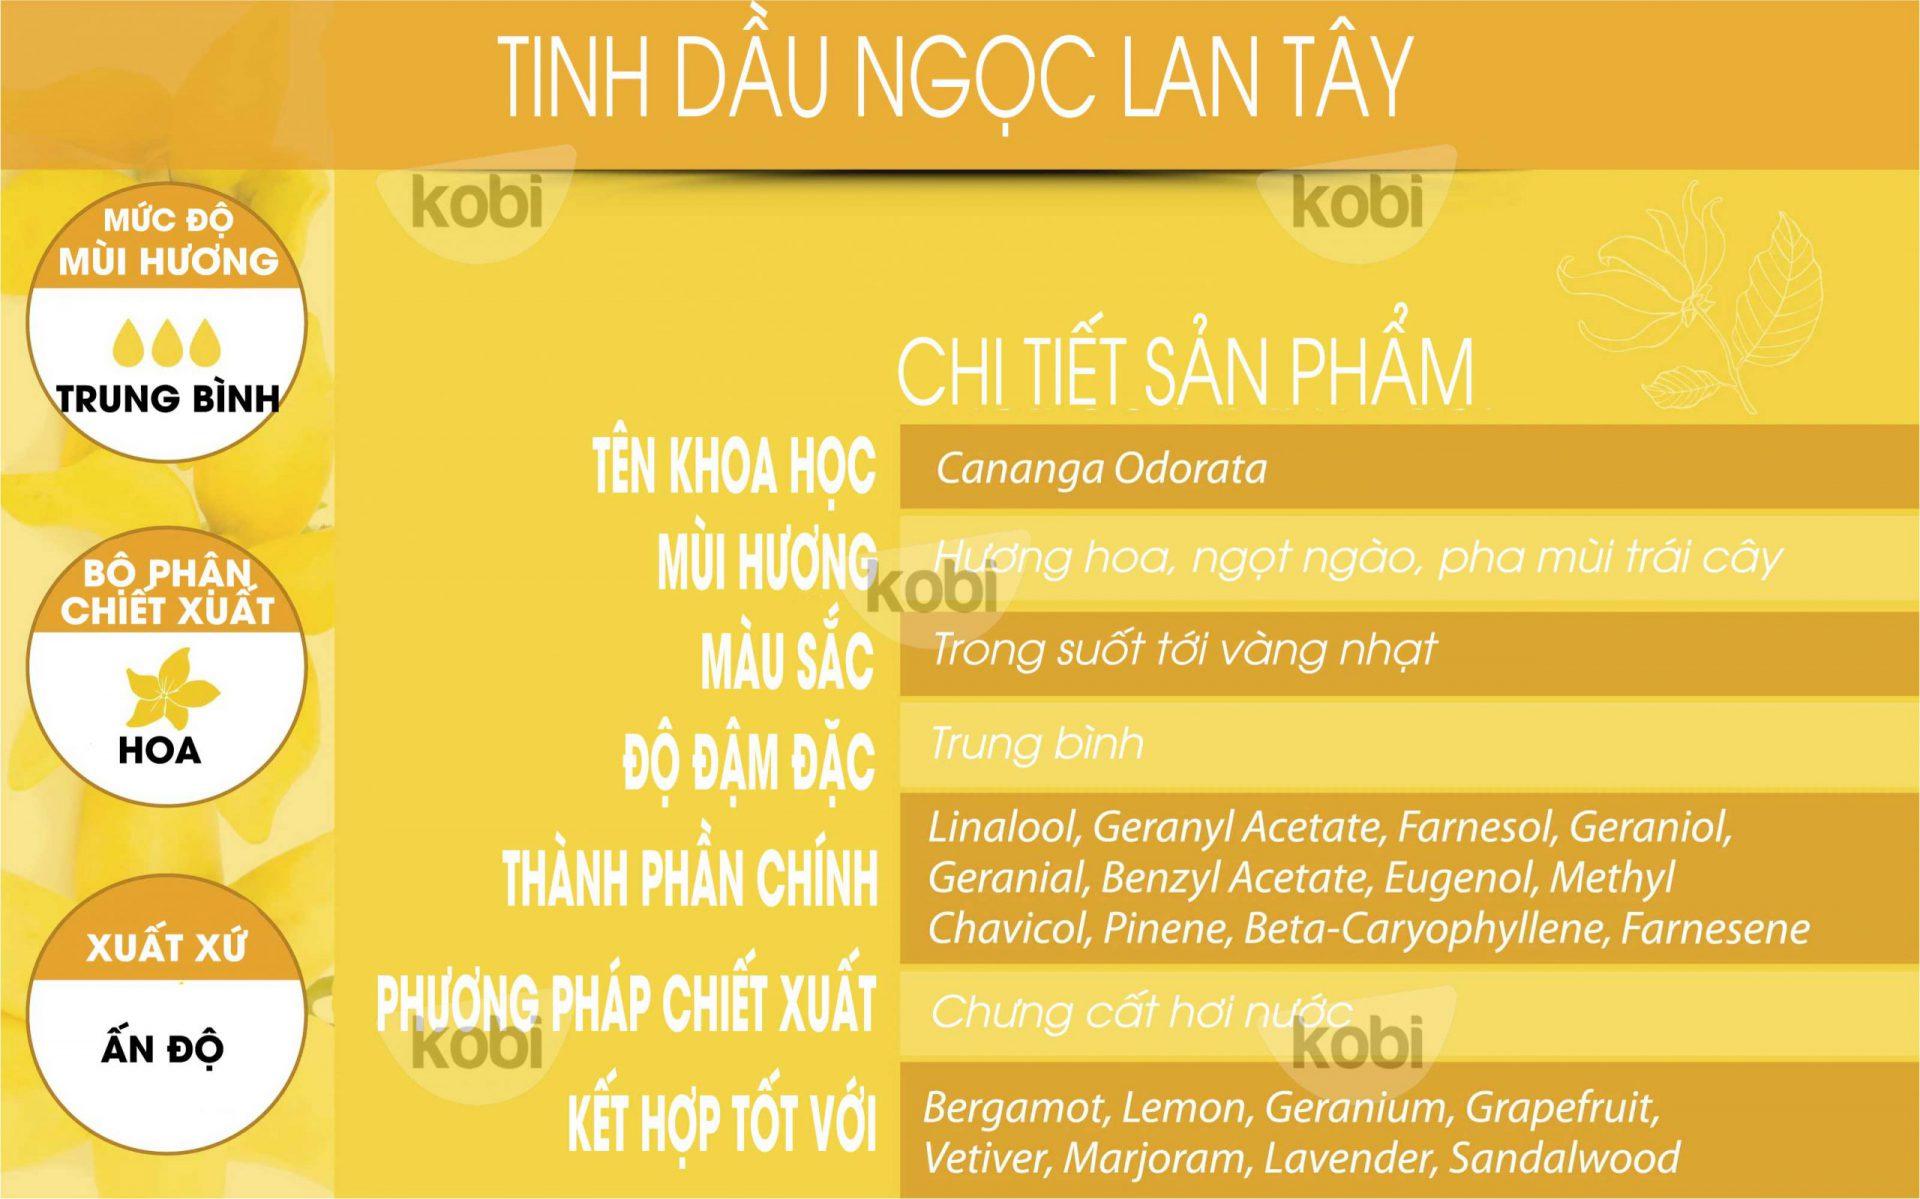 Tinh dầu ngọc lan tây Kobi (Ylangylang essential oil)